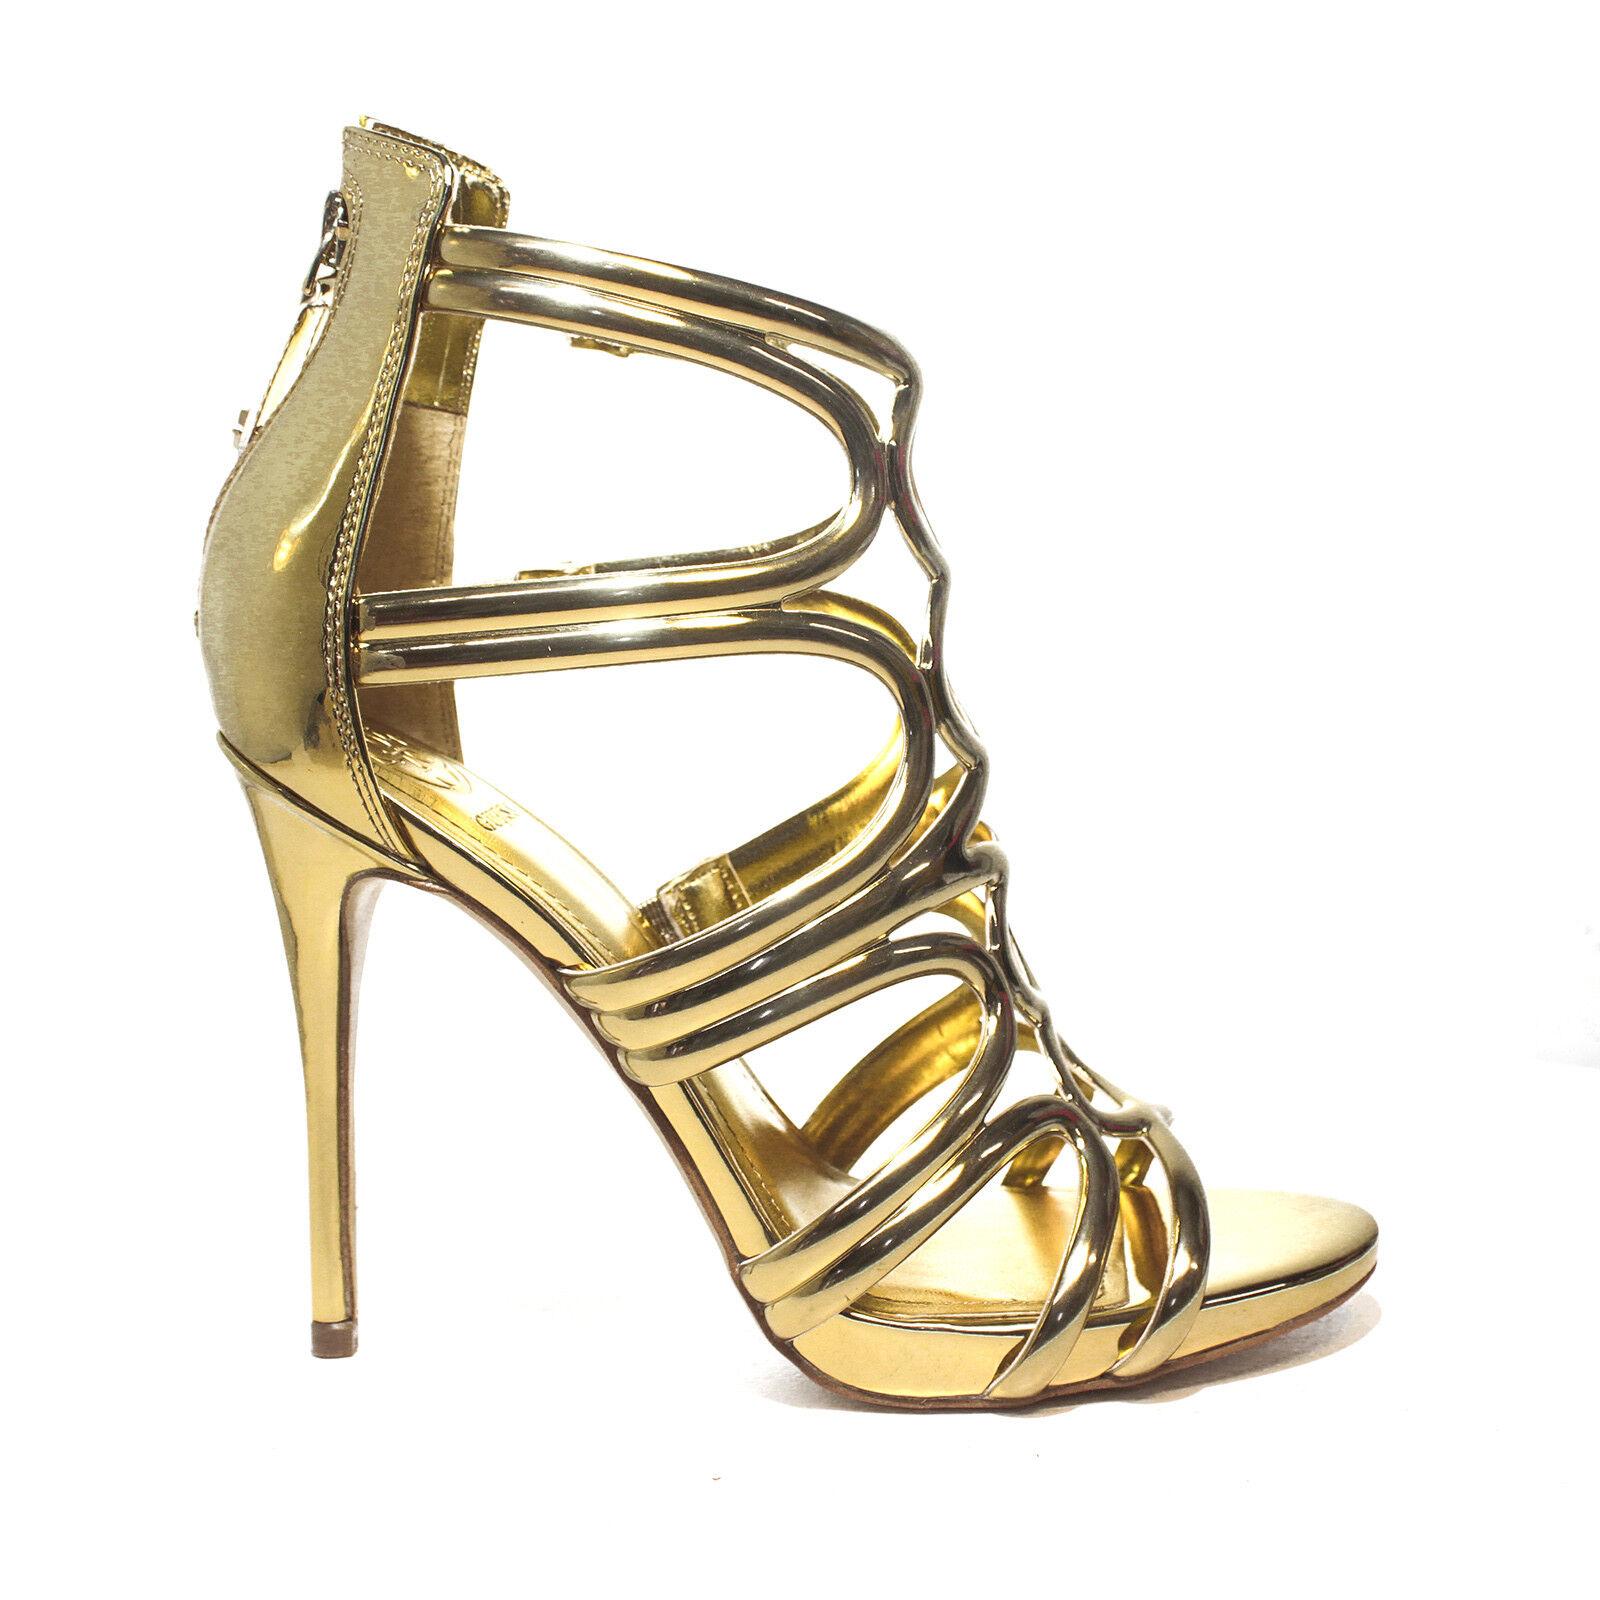 Guess color sandalo con tacco alto color Guess oro articolo FLTE22 LEL03 GOLD PE 2018 6121b8